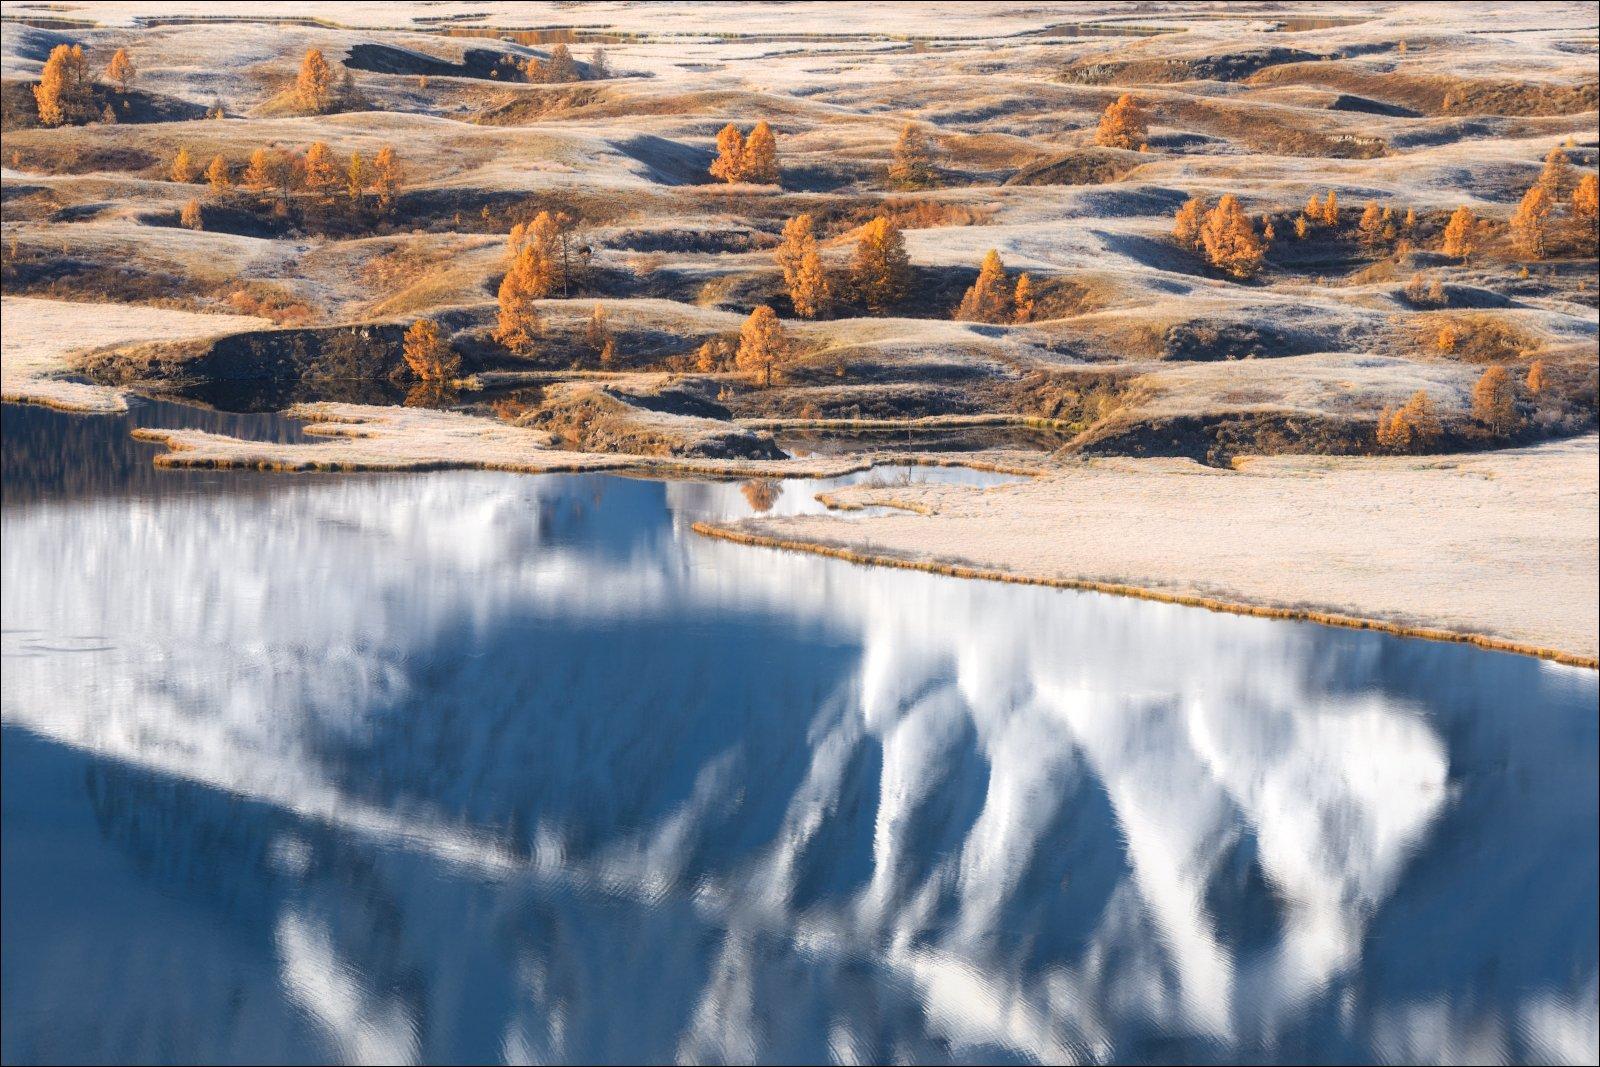 алтай, ештыкель, озеро, джангысколь, осень, северо-чуйский хребет, отражение,, Влад Соколовский